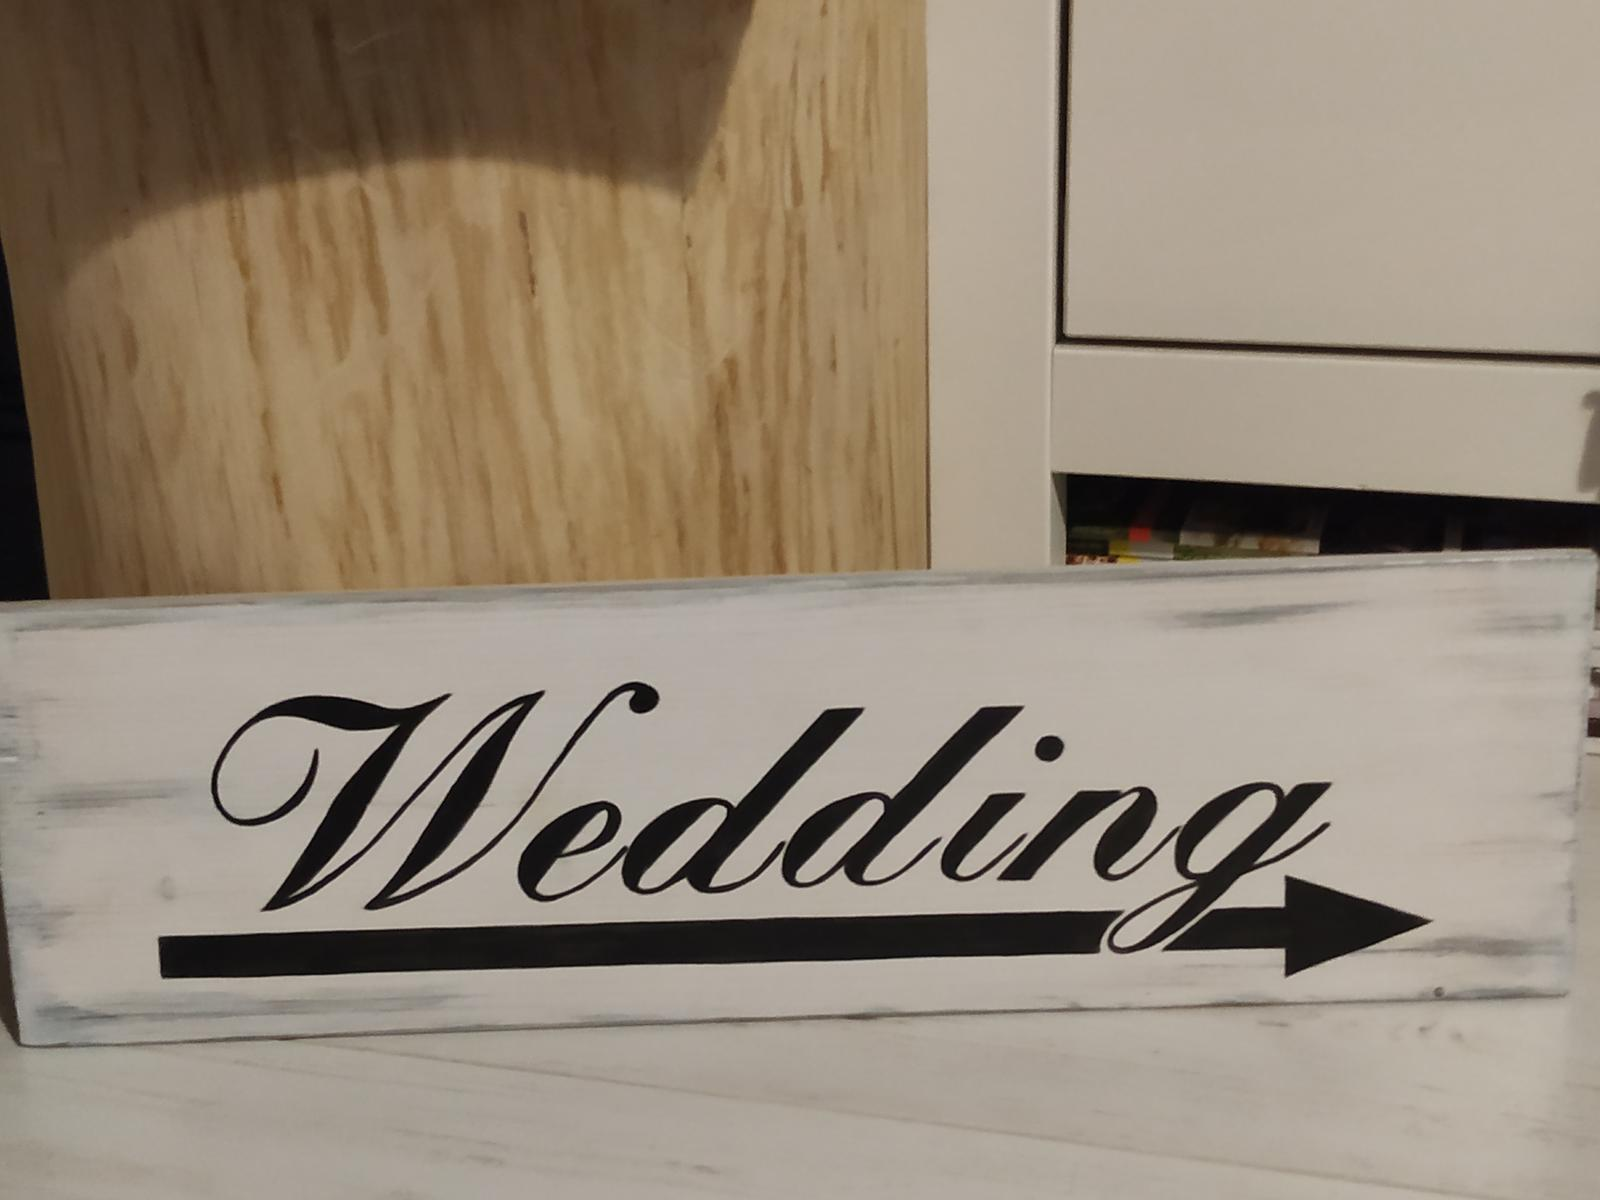 Směrovka Wedding - Obrázek č. 1